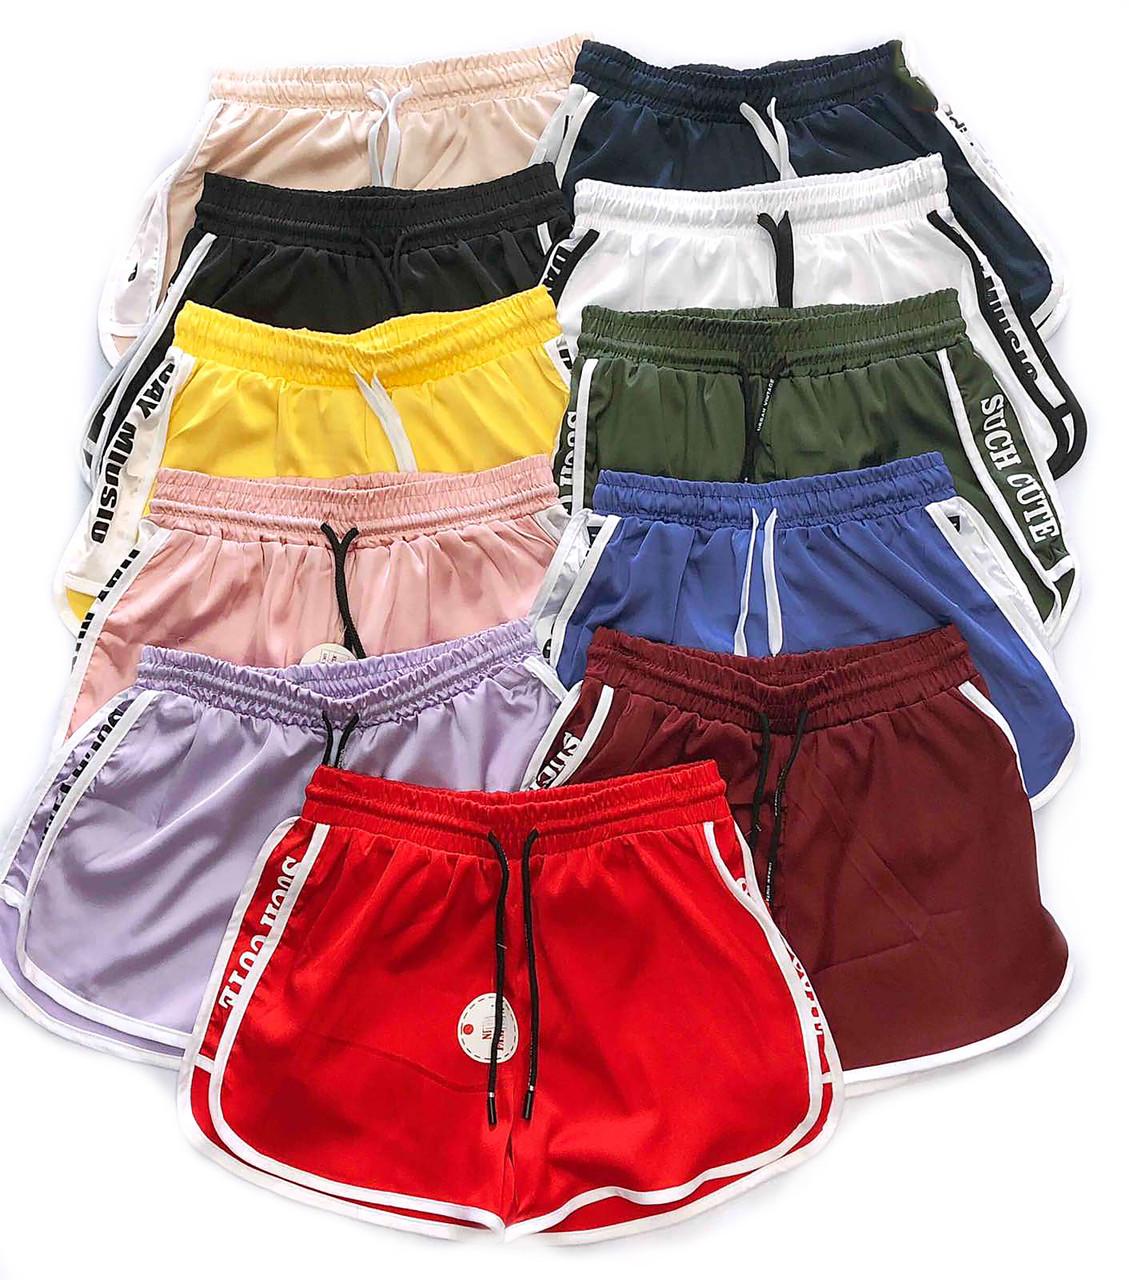 Модные шелковые шорты женские стильные 40-48 (в расцветках)